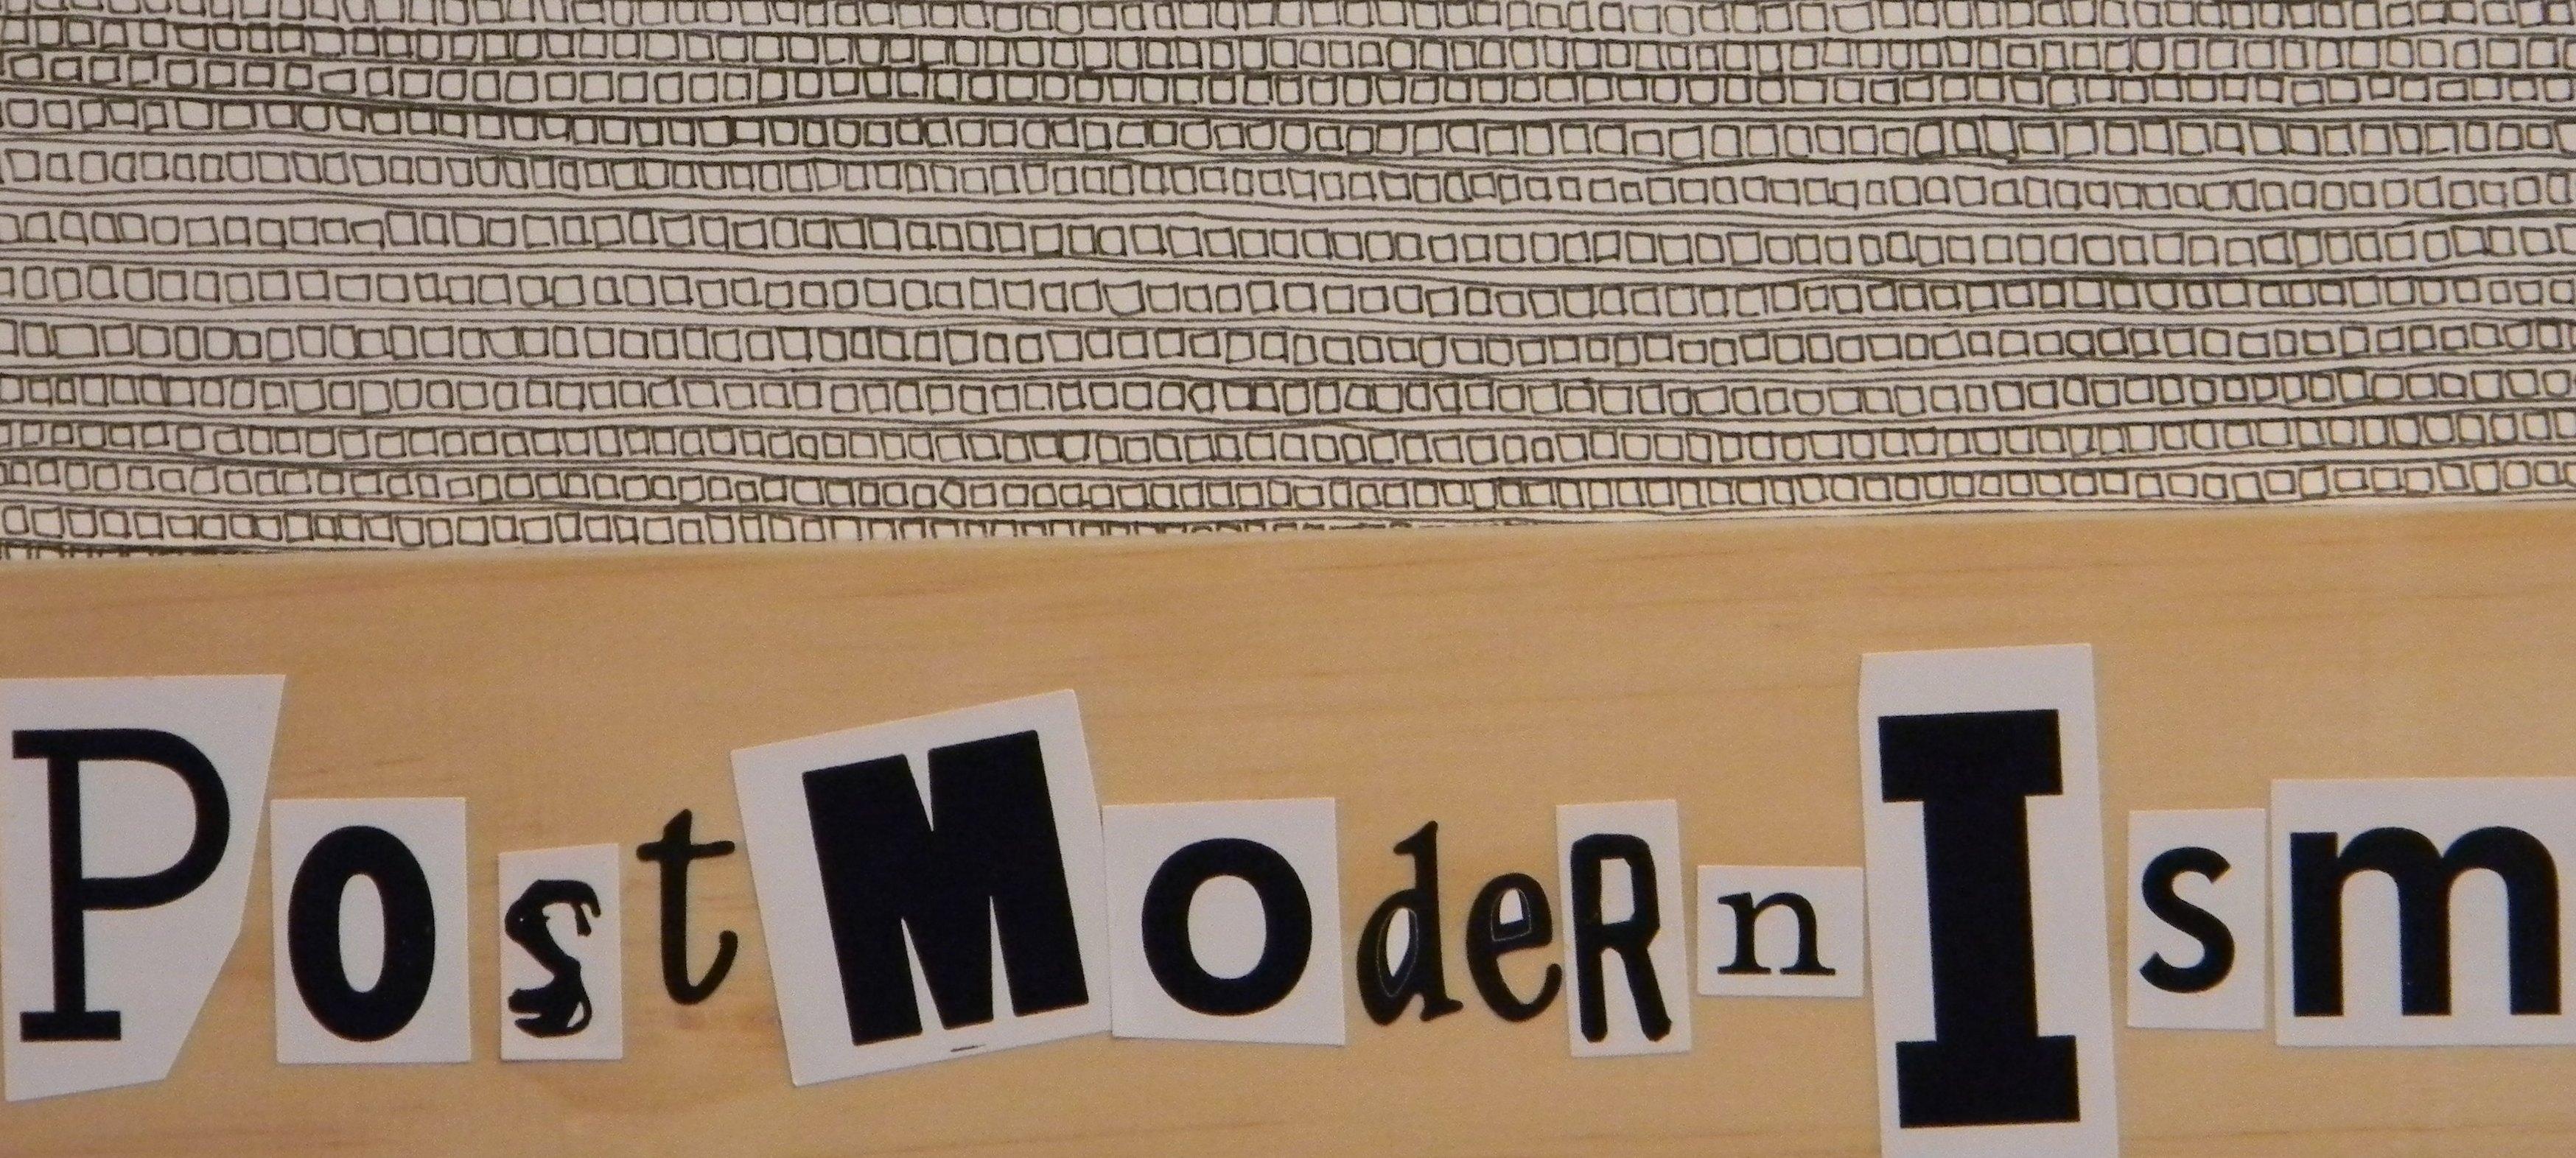 Postmodernism Postmodernartlearningexperiences